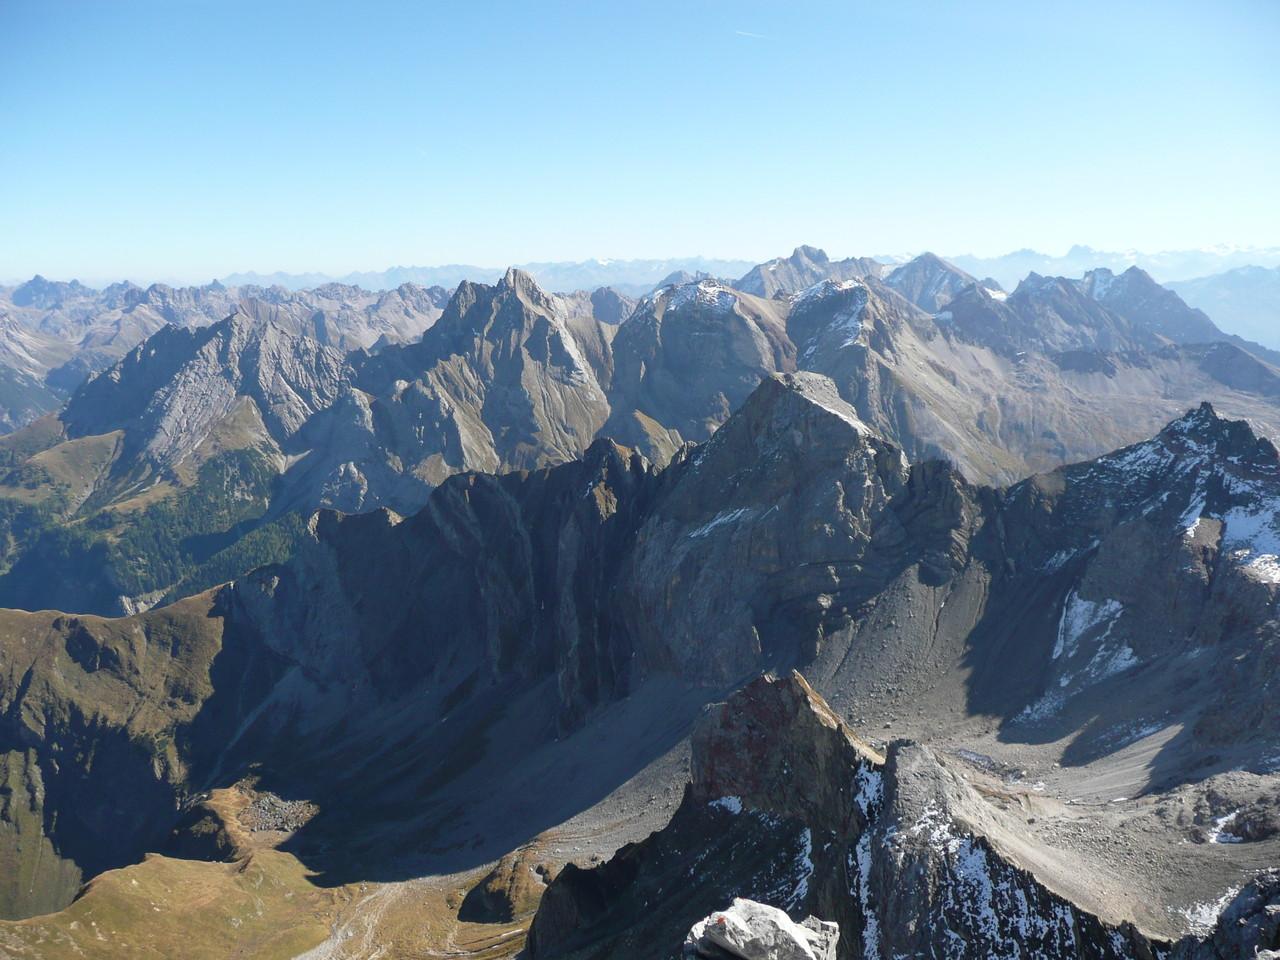 Blick zu den Großen Gipfeln der Lechtaler Alpen